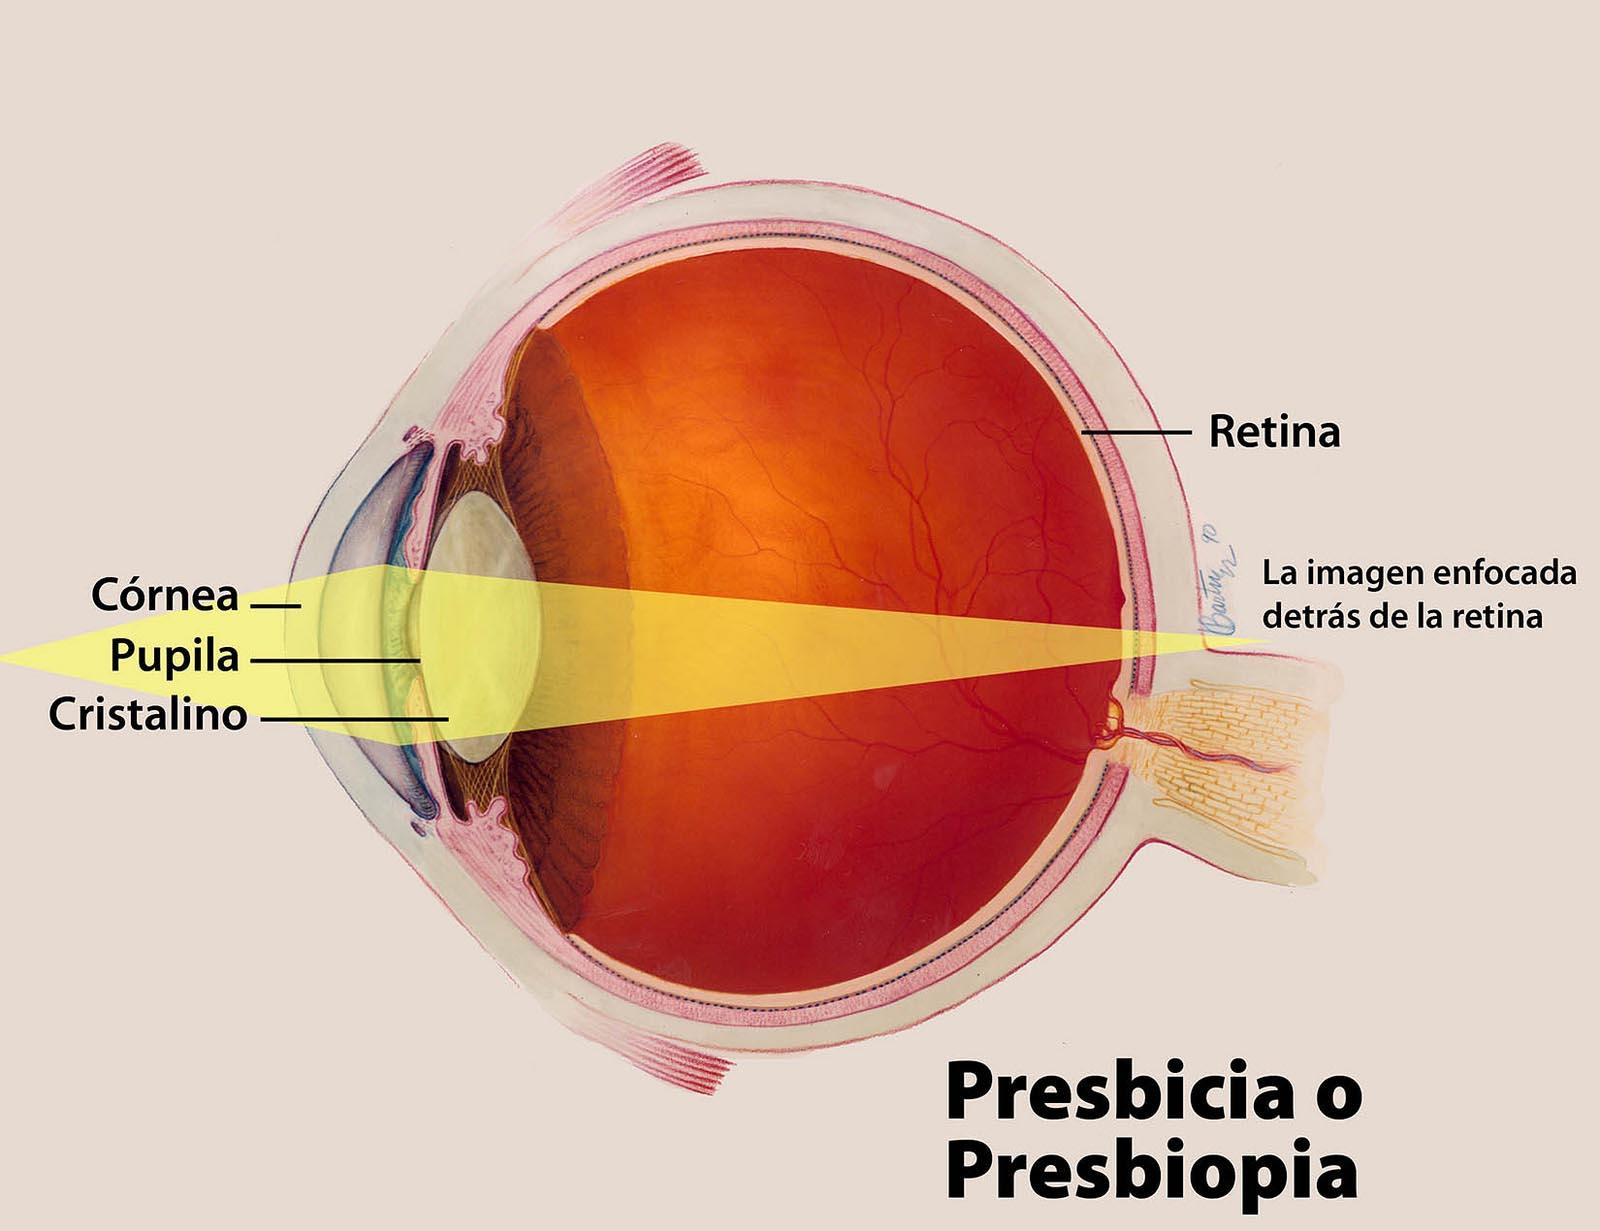 cirugia-de-la-presbicia-con-lentes-bifocales